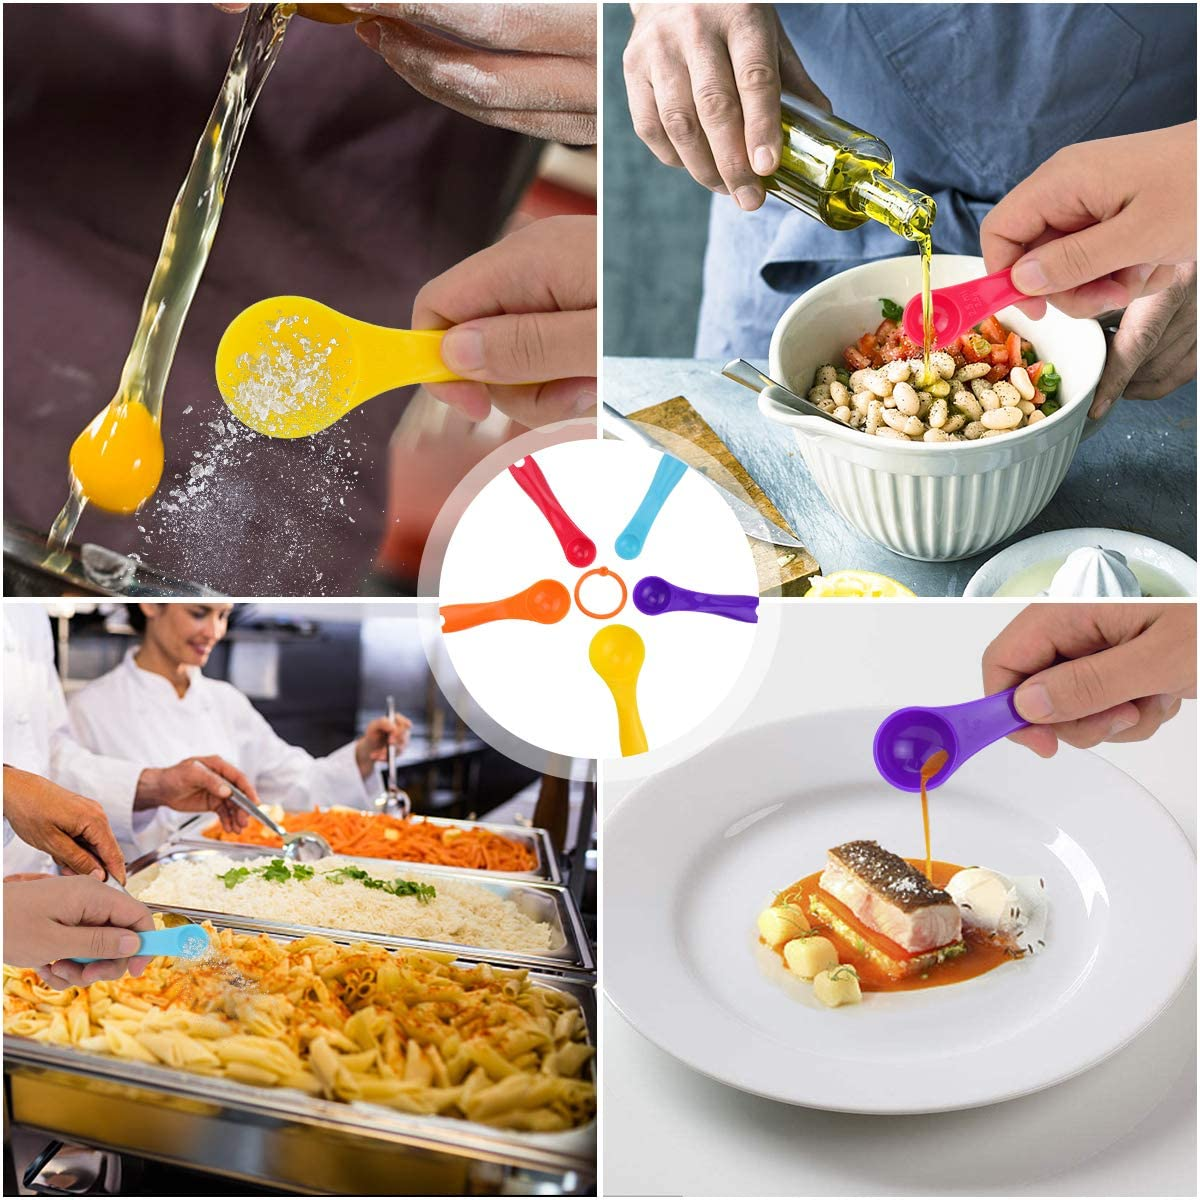 Juego de Herramientas de Cocina Zubita Juego de Utensilios de Cocina Juego de Utensilios de Cocina de 5 Piezas Cuchara medidora Colorida